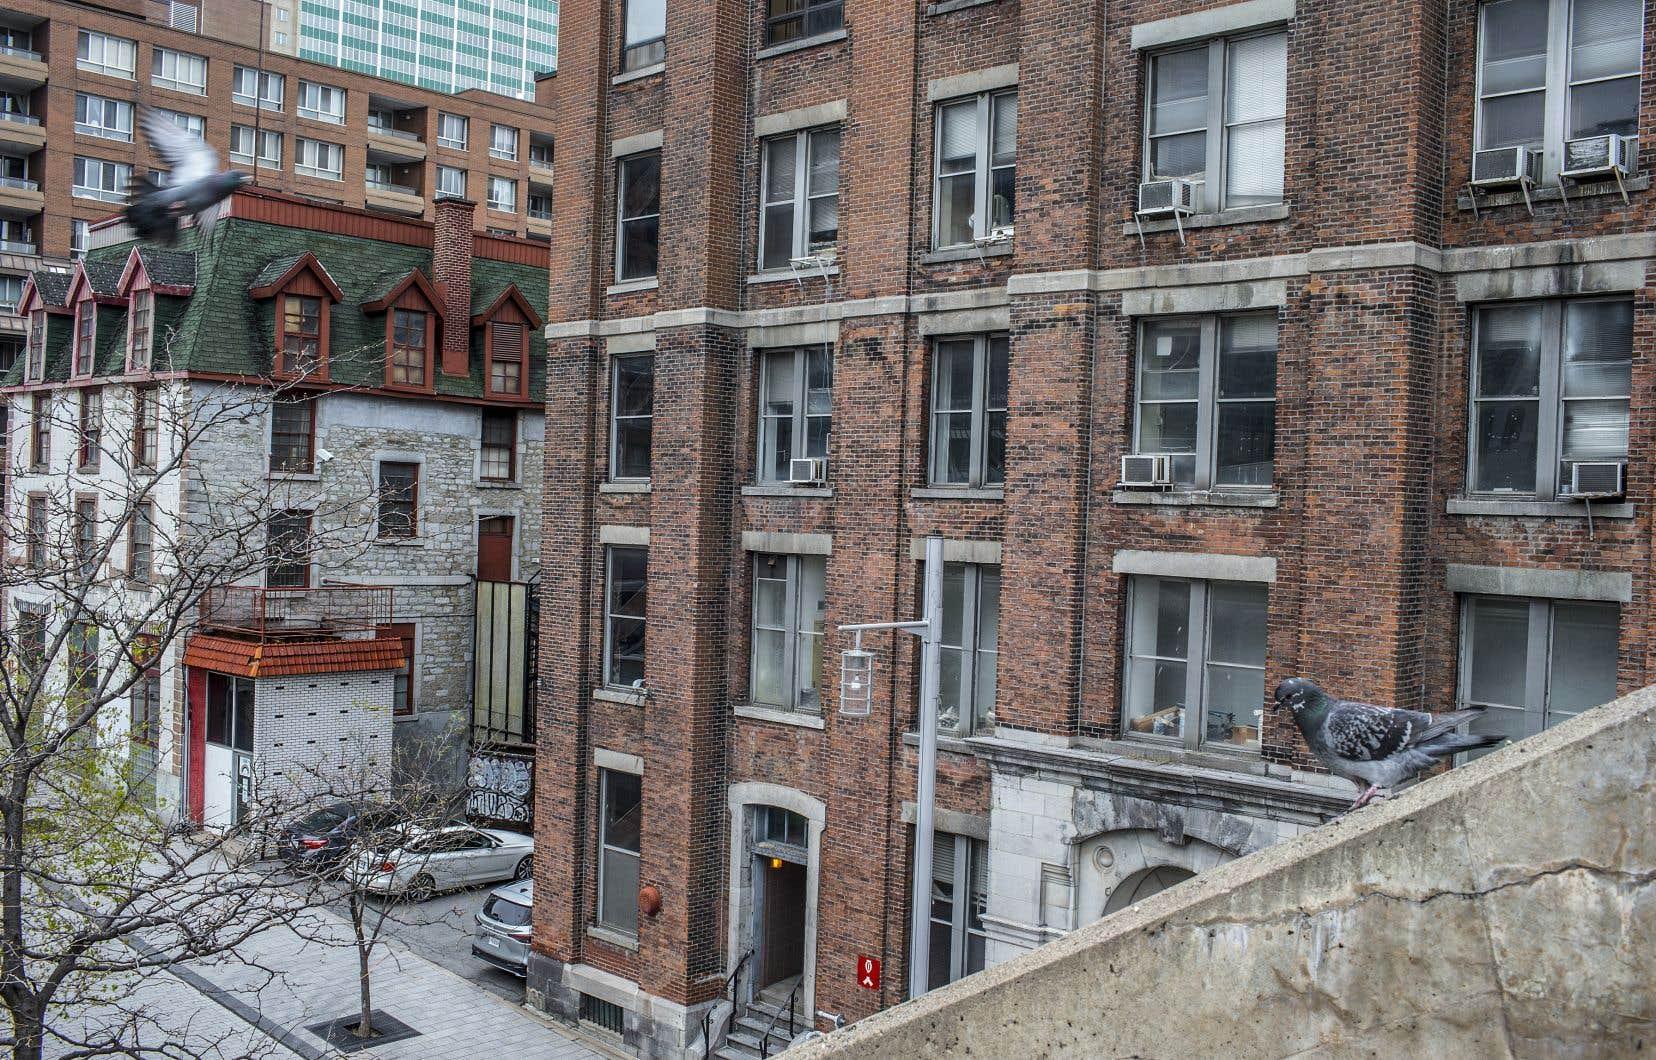 L'ancien bâtiment de la British and Canadian School (en blanc, à gauche), conçu en 1826, ainsi que l'imposant immeuble intégrant une partie de l'église Free Presbyterian (à droite), ont été vendu en mars aux promoteurs Brandon Shiller et Jeremy Kornbluth, de Hillpark Capital, pour 9,2 M$.